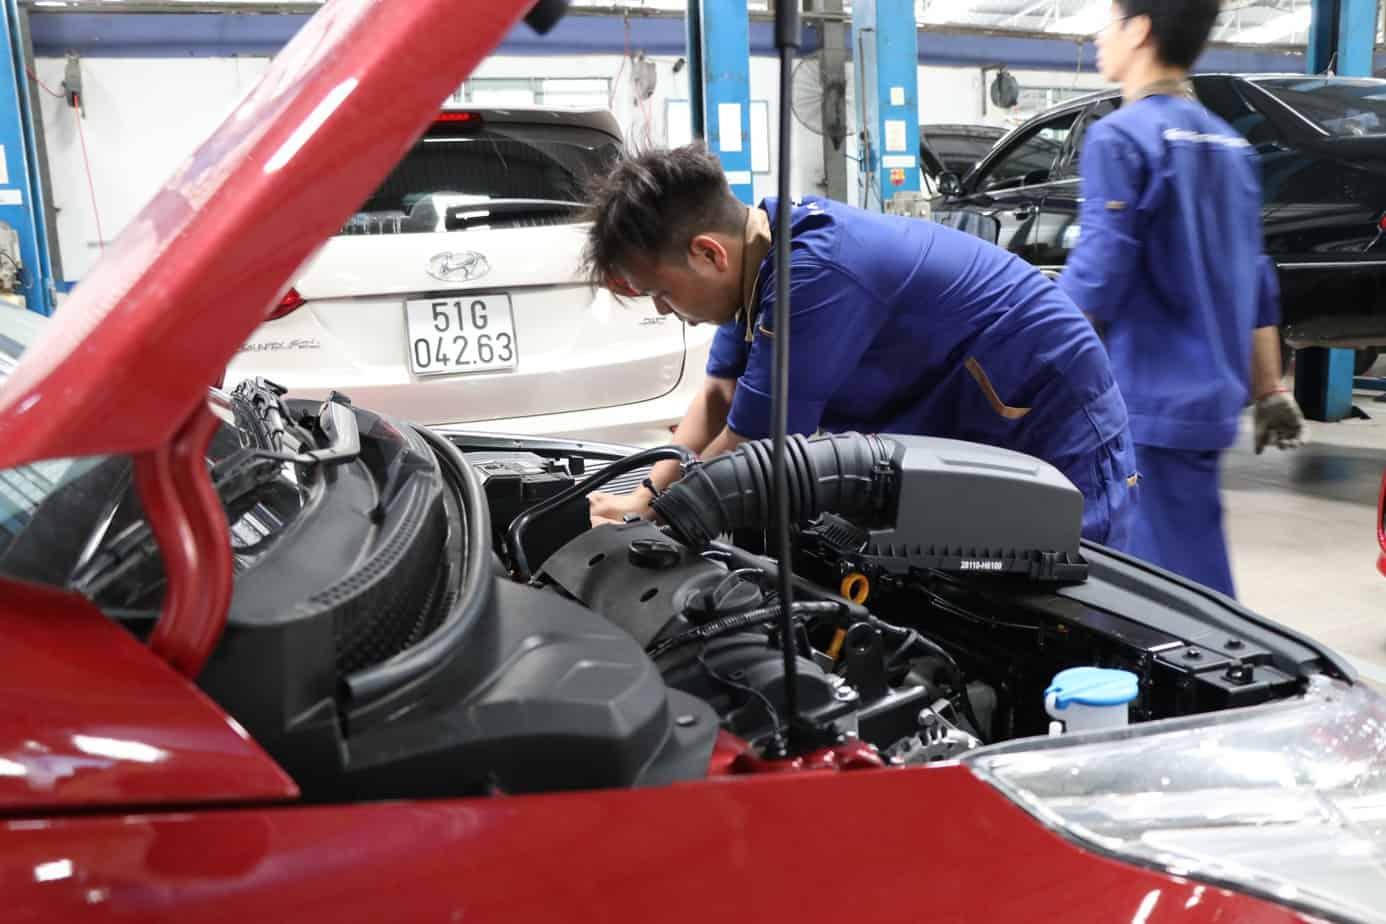 Giảm chi phí sửa chữa khi liên quan đến vấn đề hỏng hóc nặng nếu đưa xe ô tô tới garage uy tín